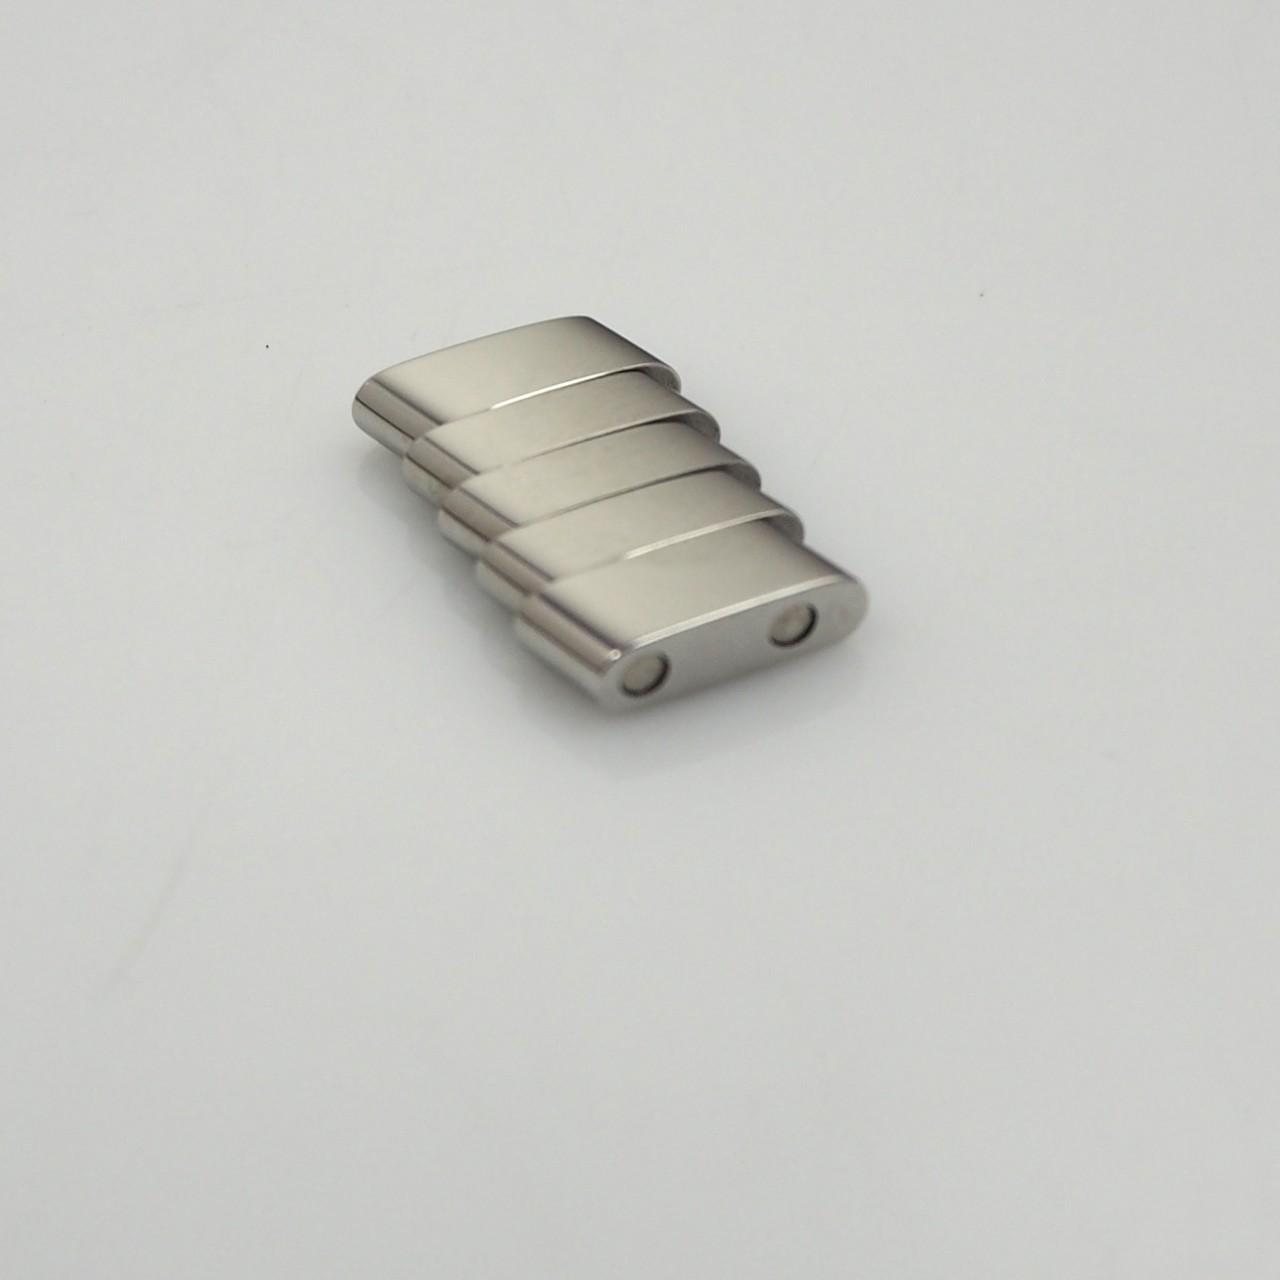 Breitling Chronomat Pilotband-Bandelement/ Bandglied 20mm